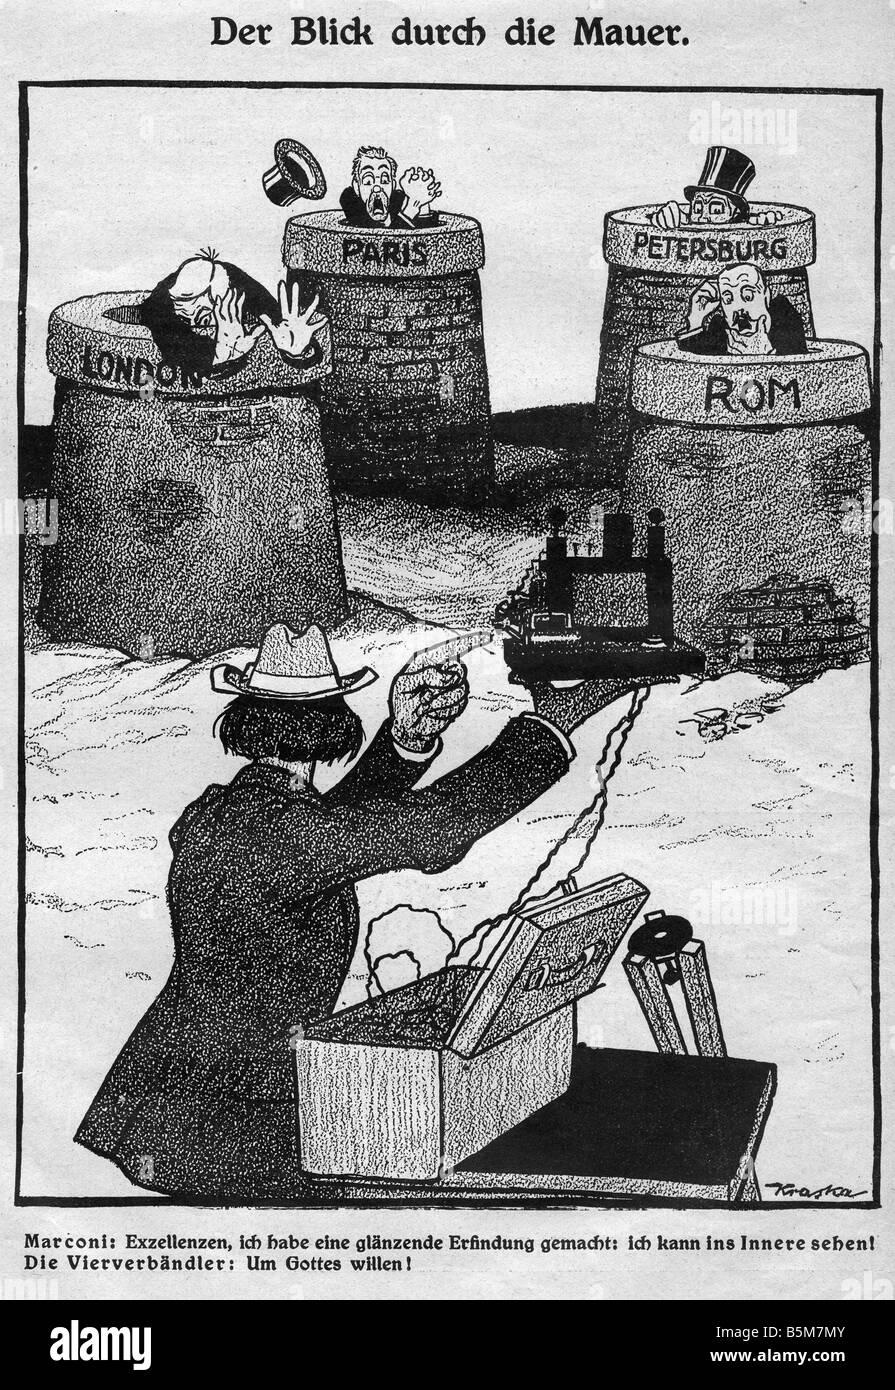 1IT 243 G1915 E Guglielmo Marconi Caricature 1915 Marconi Guglielmo Italian inventor founder of wireless communication - Stock Image